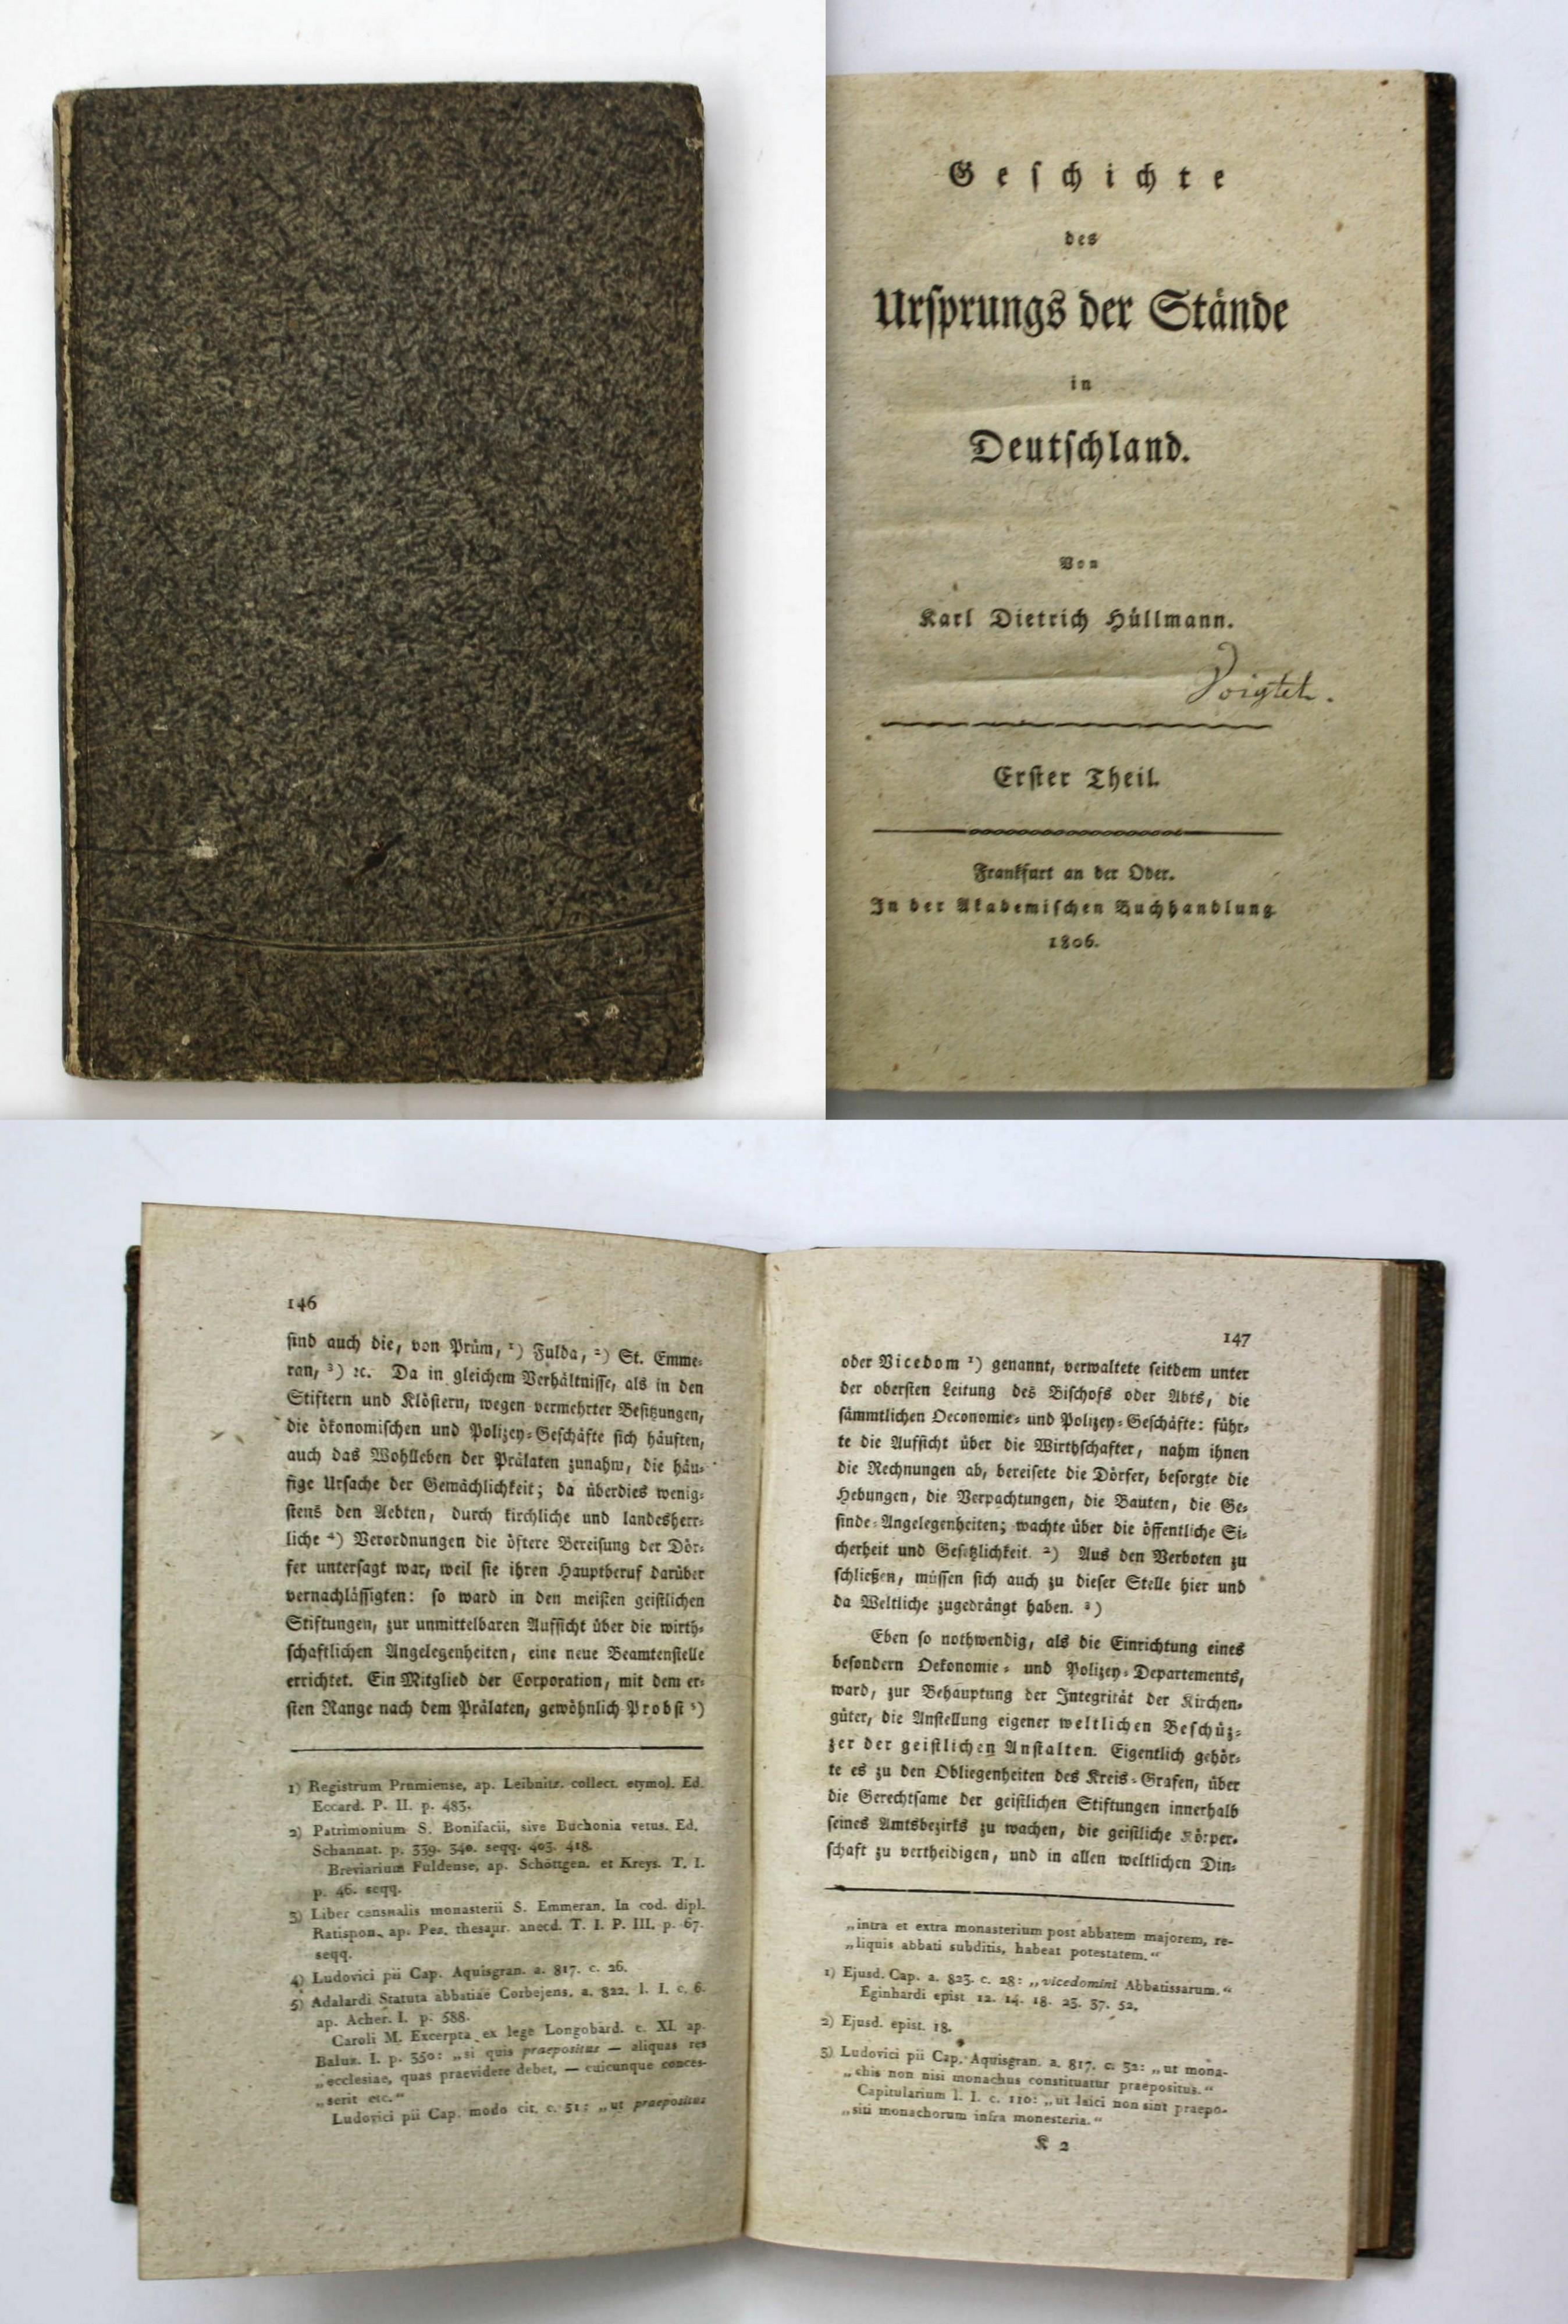 Geschichte des Ursprungs der Stände in Deutschland.: Hüllmann, Karl Dietrich: